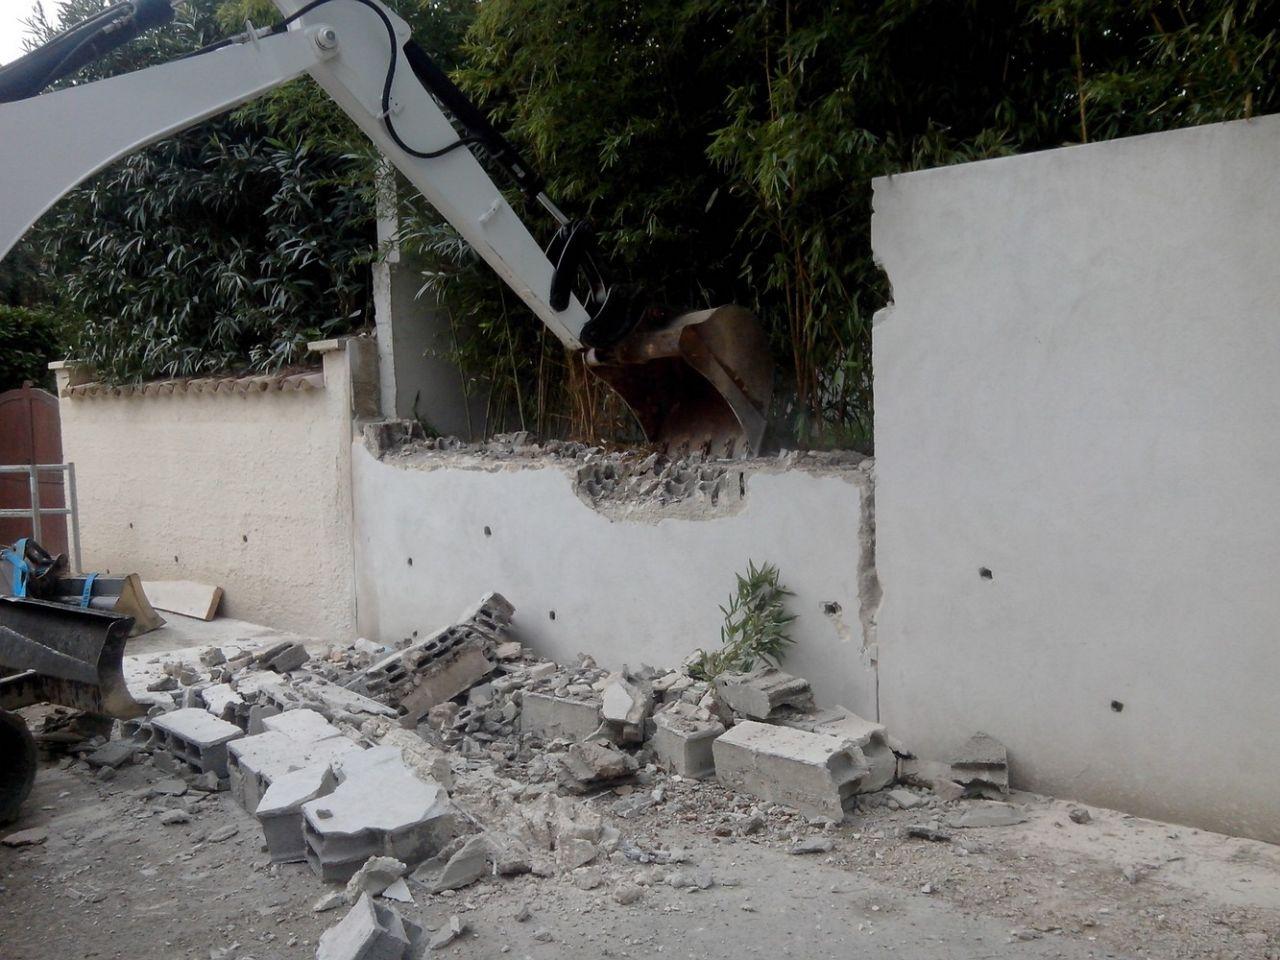 Casse du mur de clôture